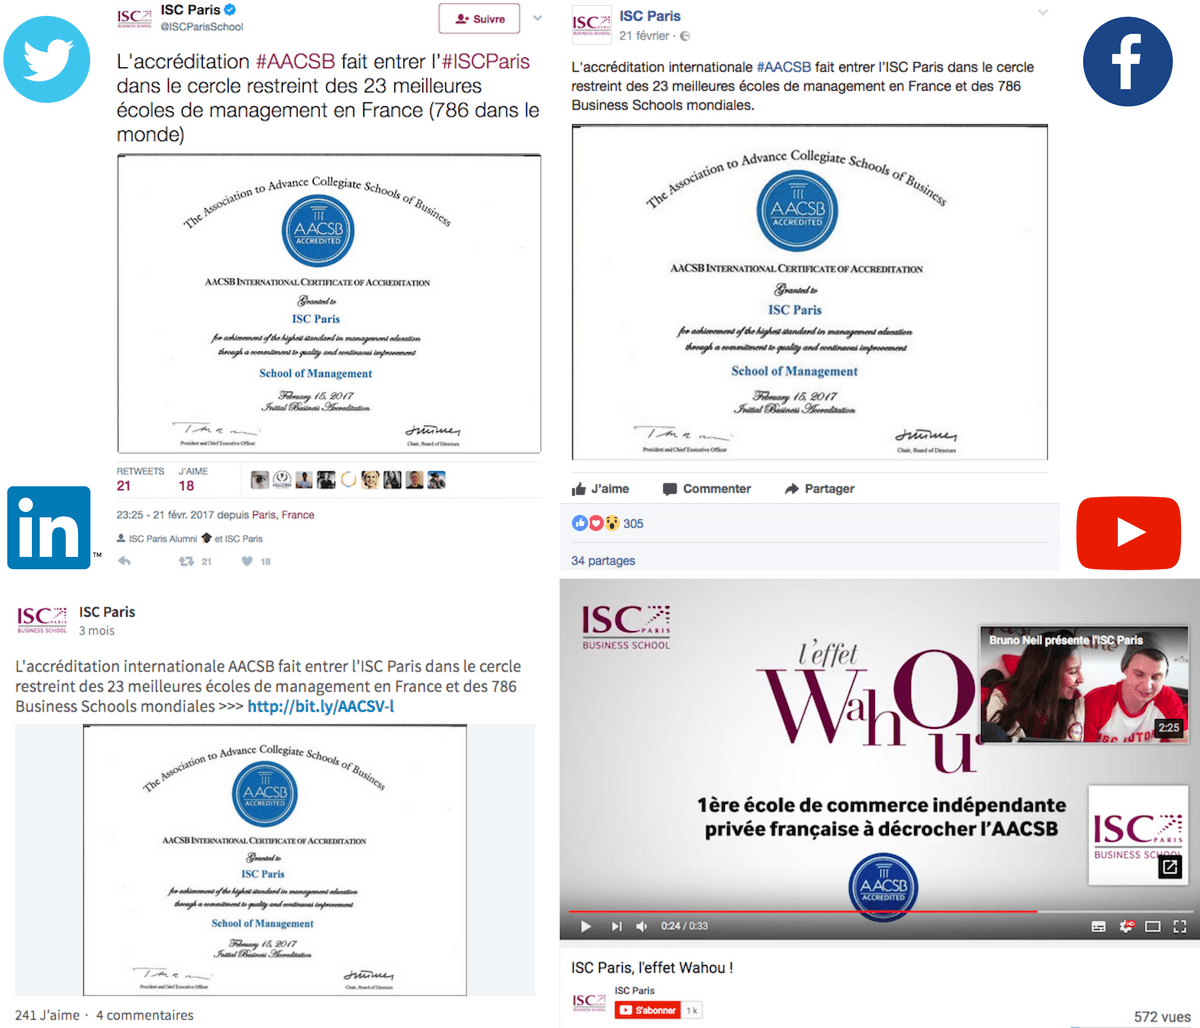 accréditations et classements ISC Paris réseaux sociaux